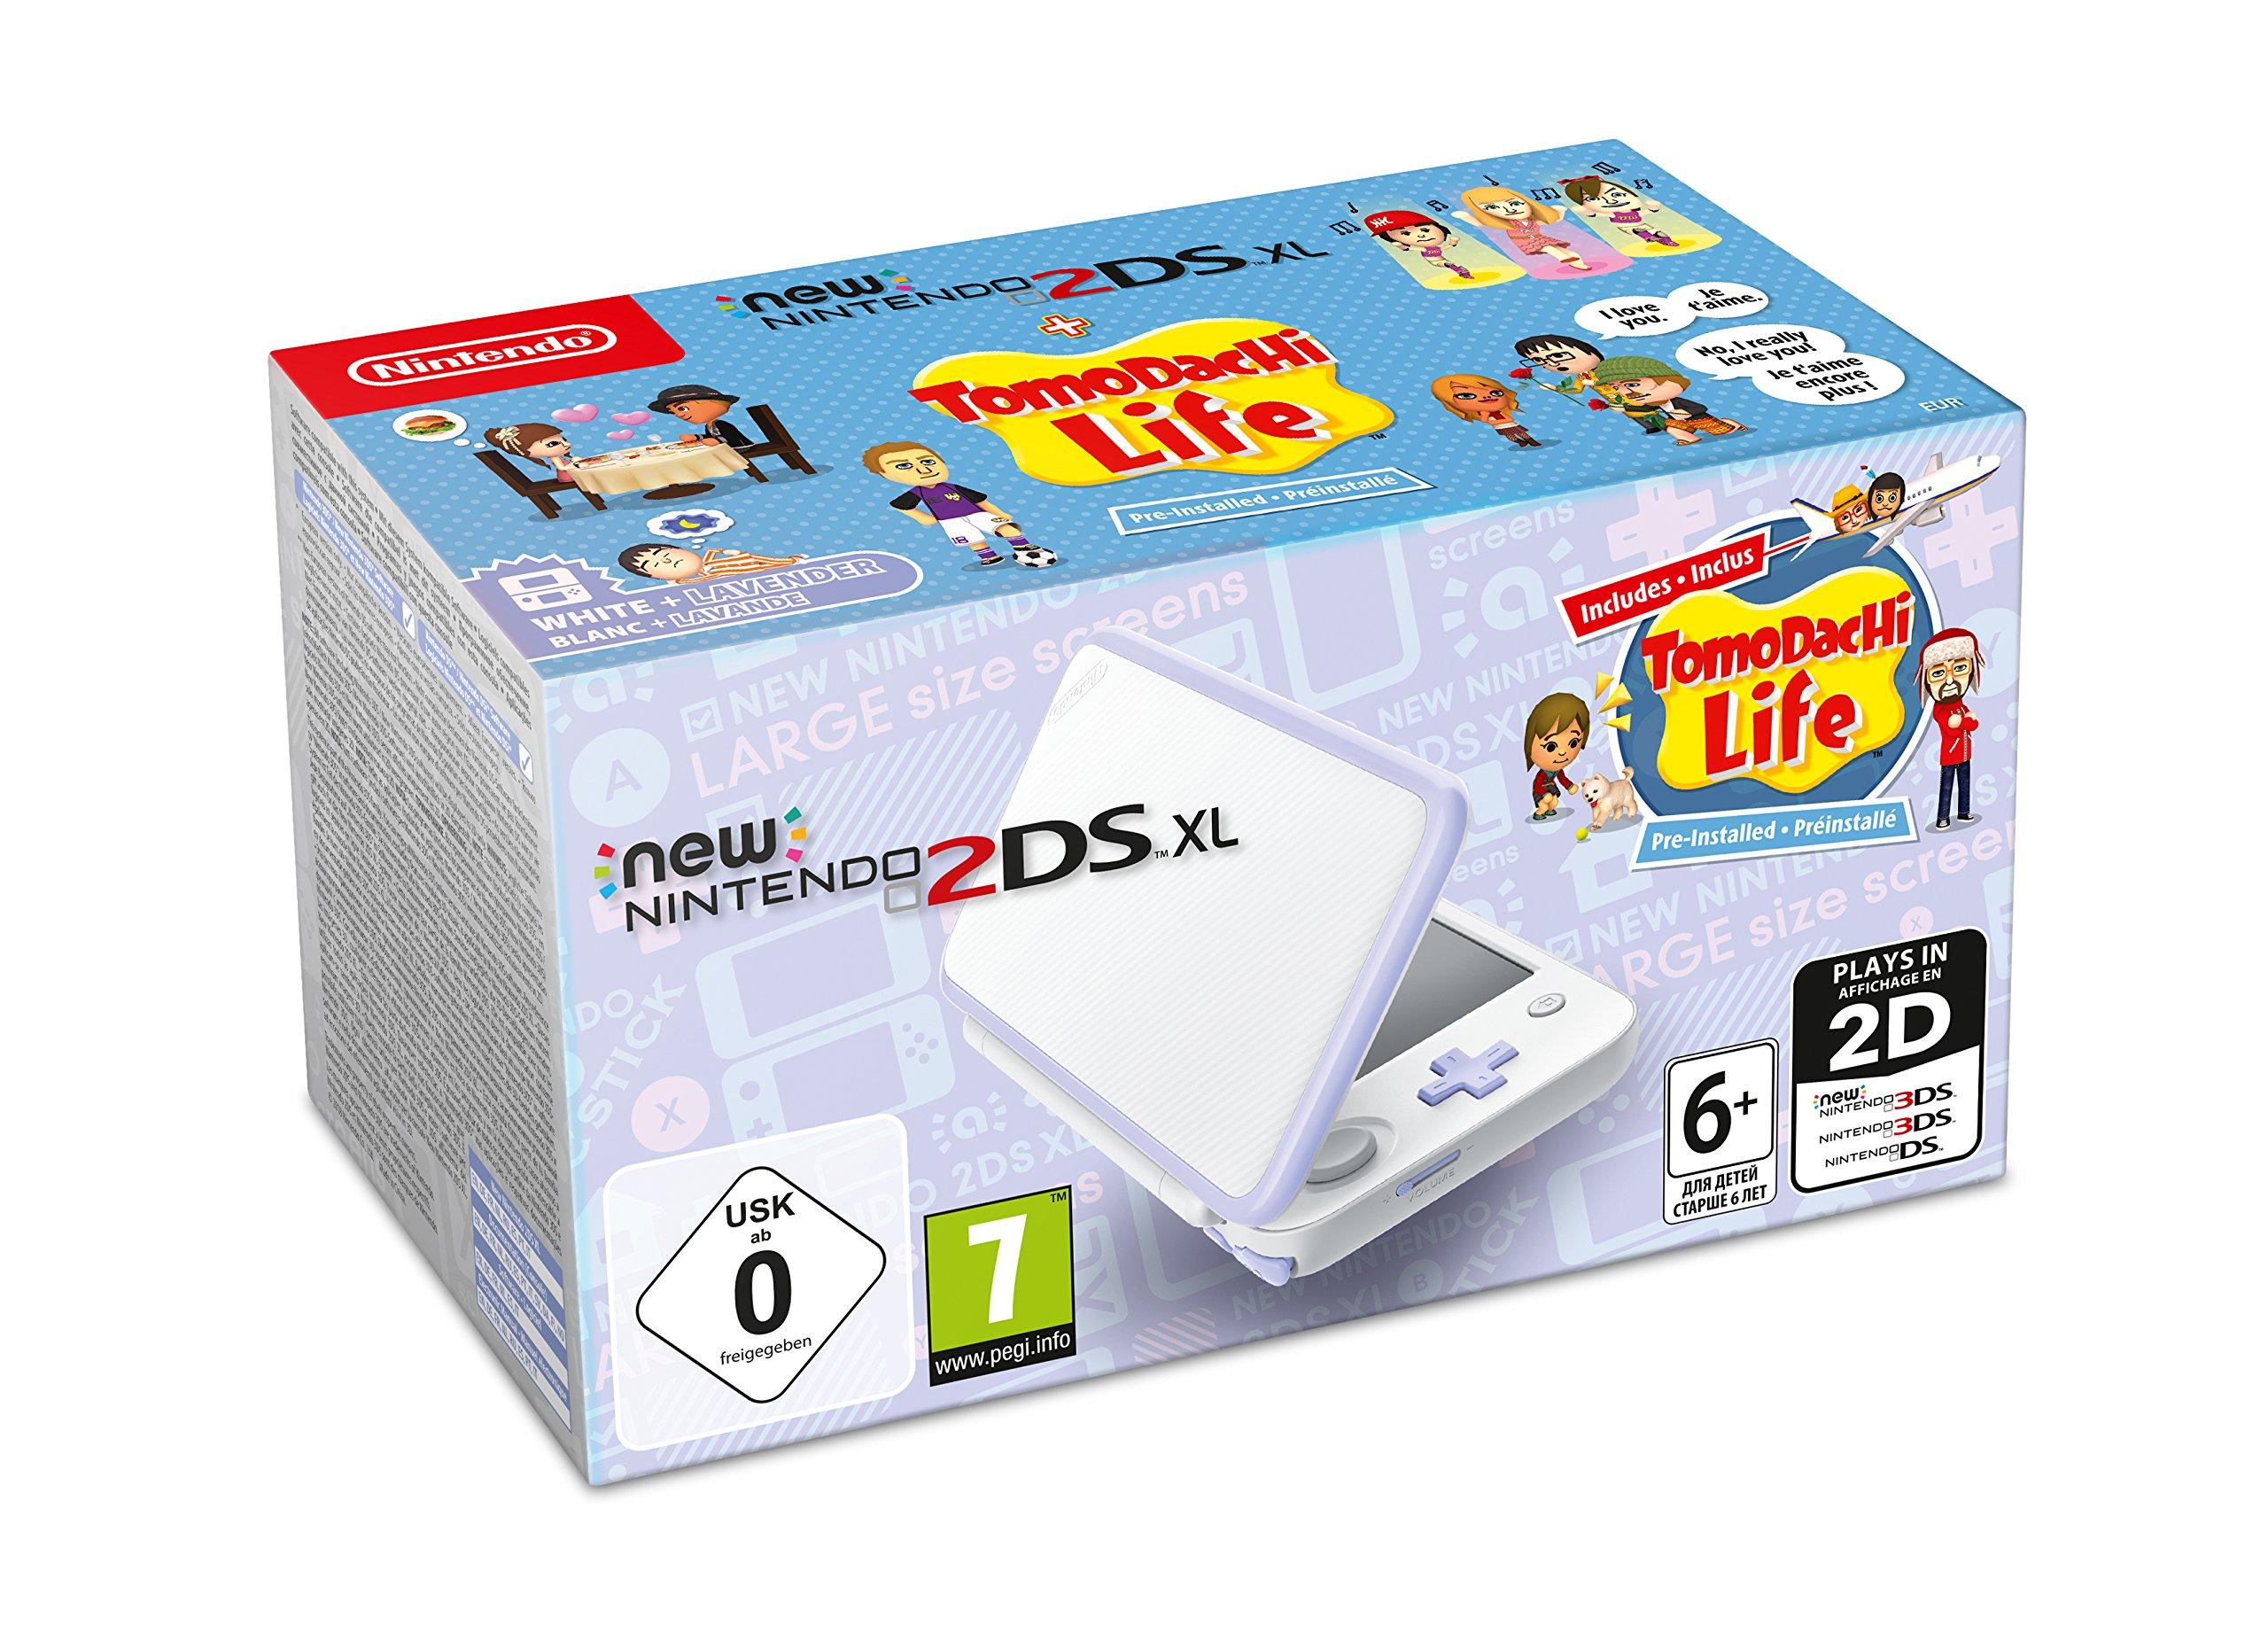 New Nintendo 2DS XL - Consola Lavanda + Tomodachi Life (Preinstalado): Nintendo: Amazon.es: Videojuegos